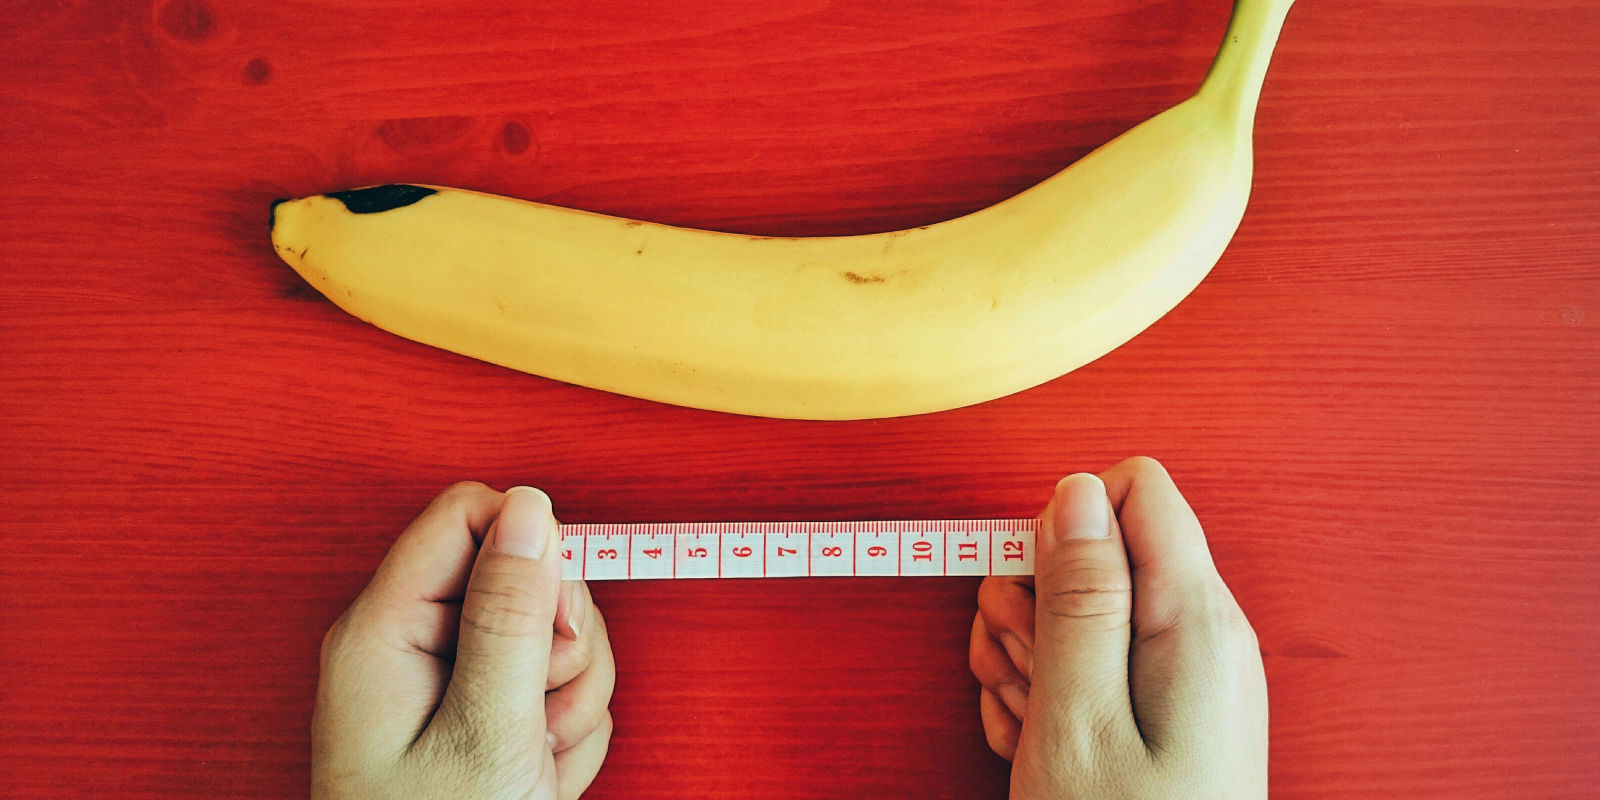 Svezia, voleva aumentare dimensioni del suo pene: stroncato da infarto